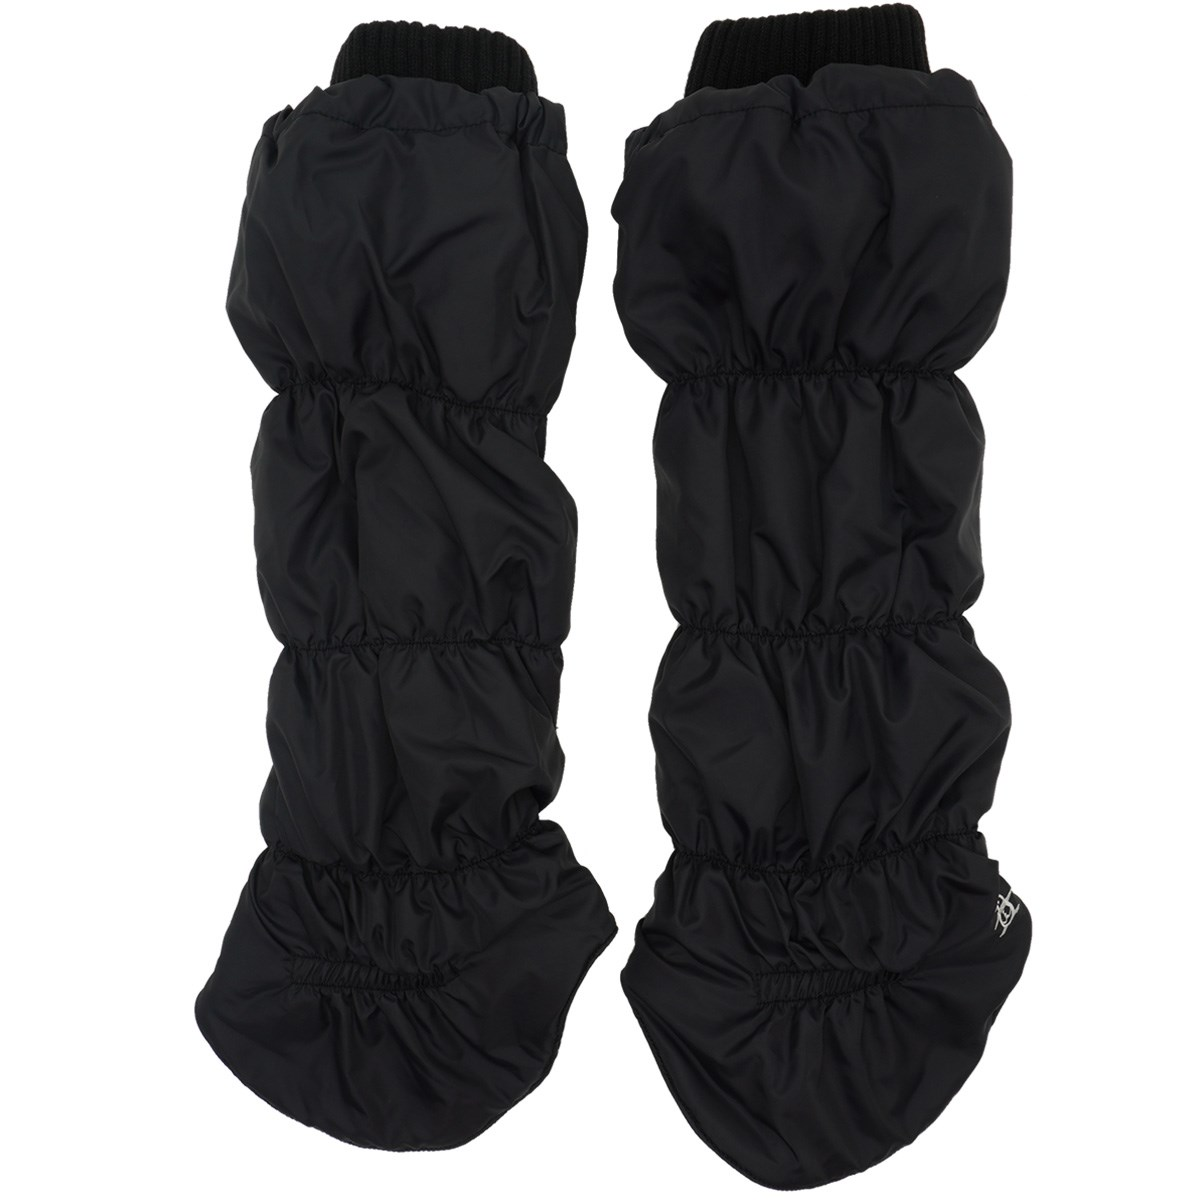 [定番モデル] マンシングウェア Munsingwear キルトタイプレッグウォーマー ブラック 00 レディース ゴルフウェア